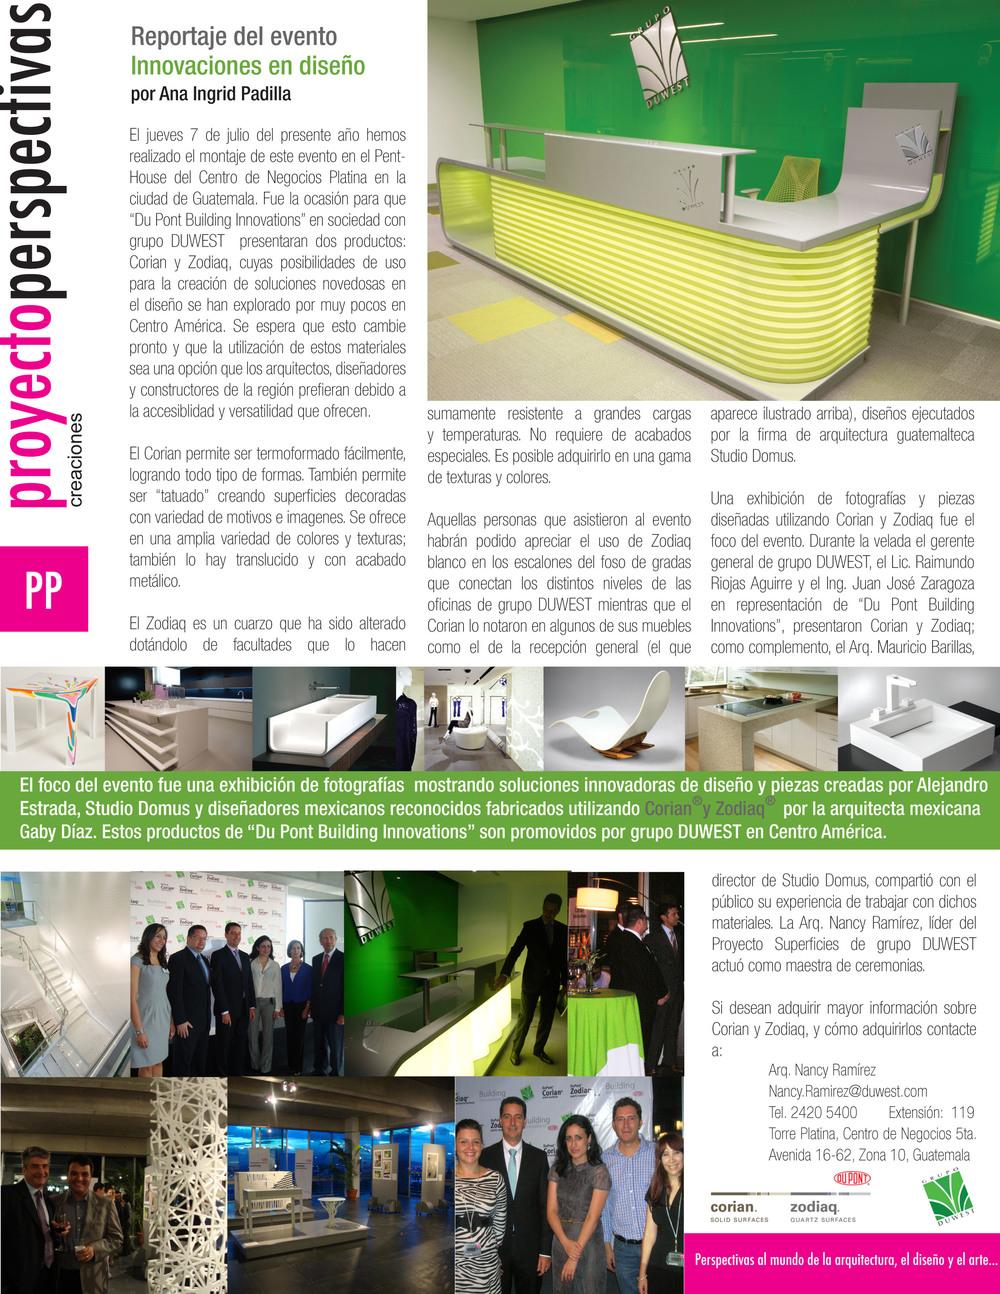 2011 reportaje Duwest Rev Perspectivas.jpg